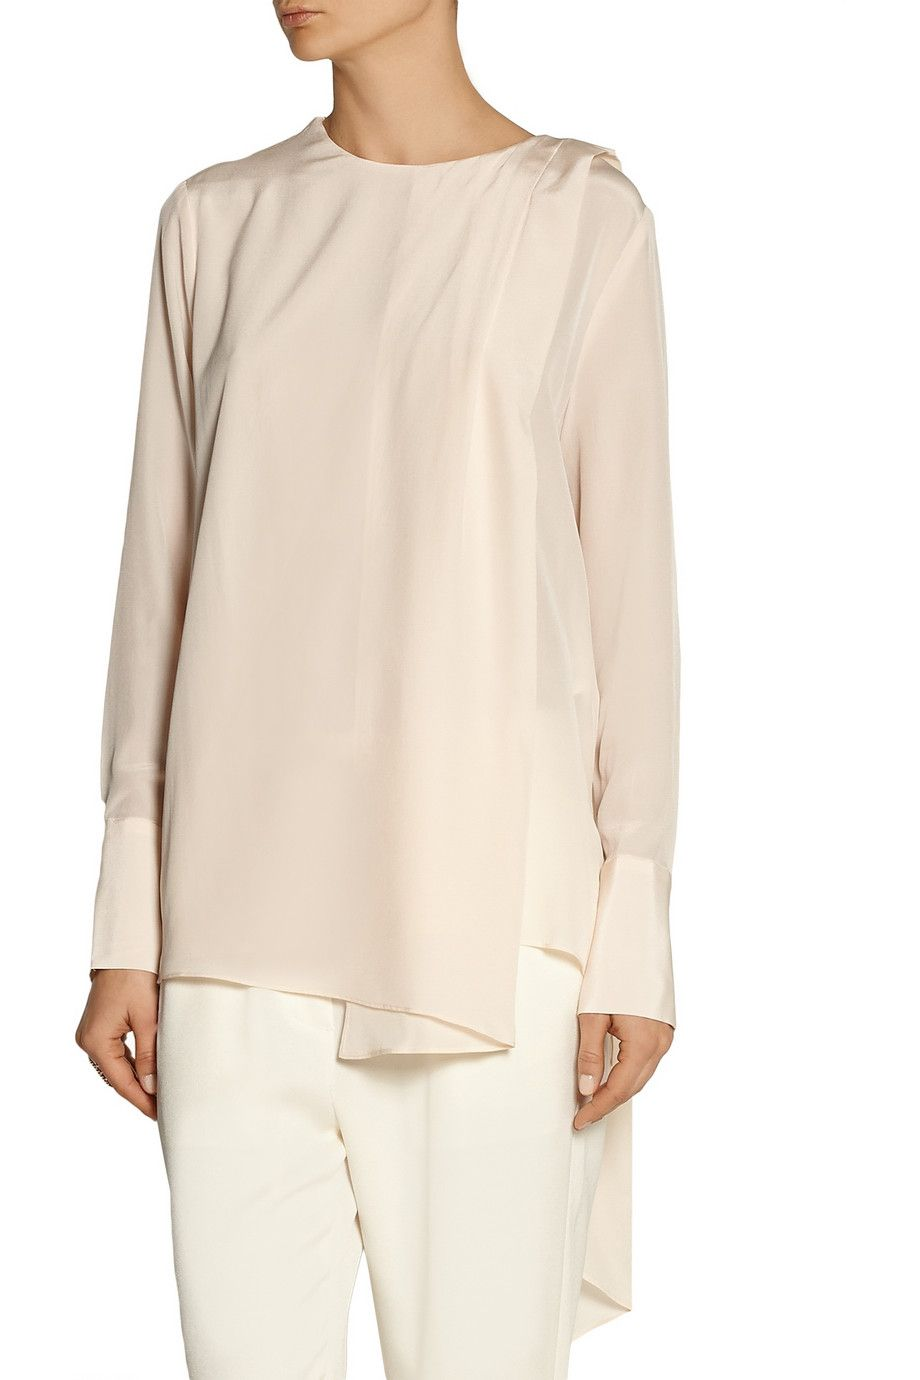 209964b45c Polo Ralph Lauren Silk Charmeuse Shirt - Joe Maloy